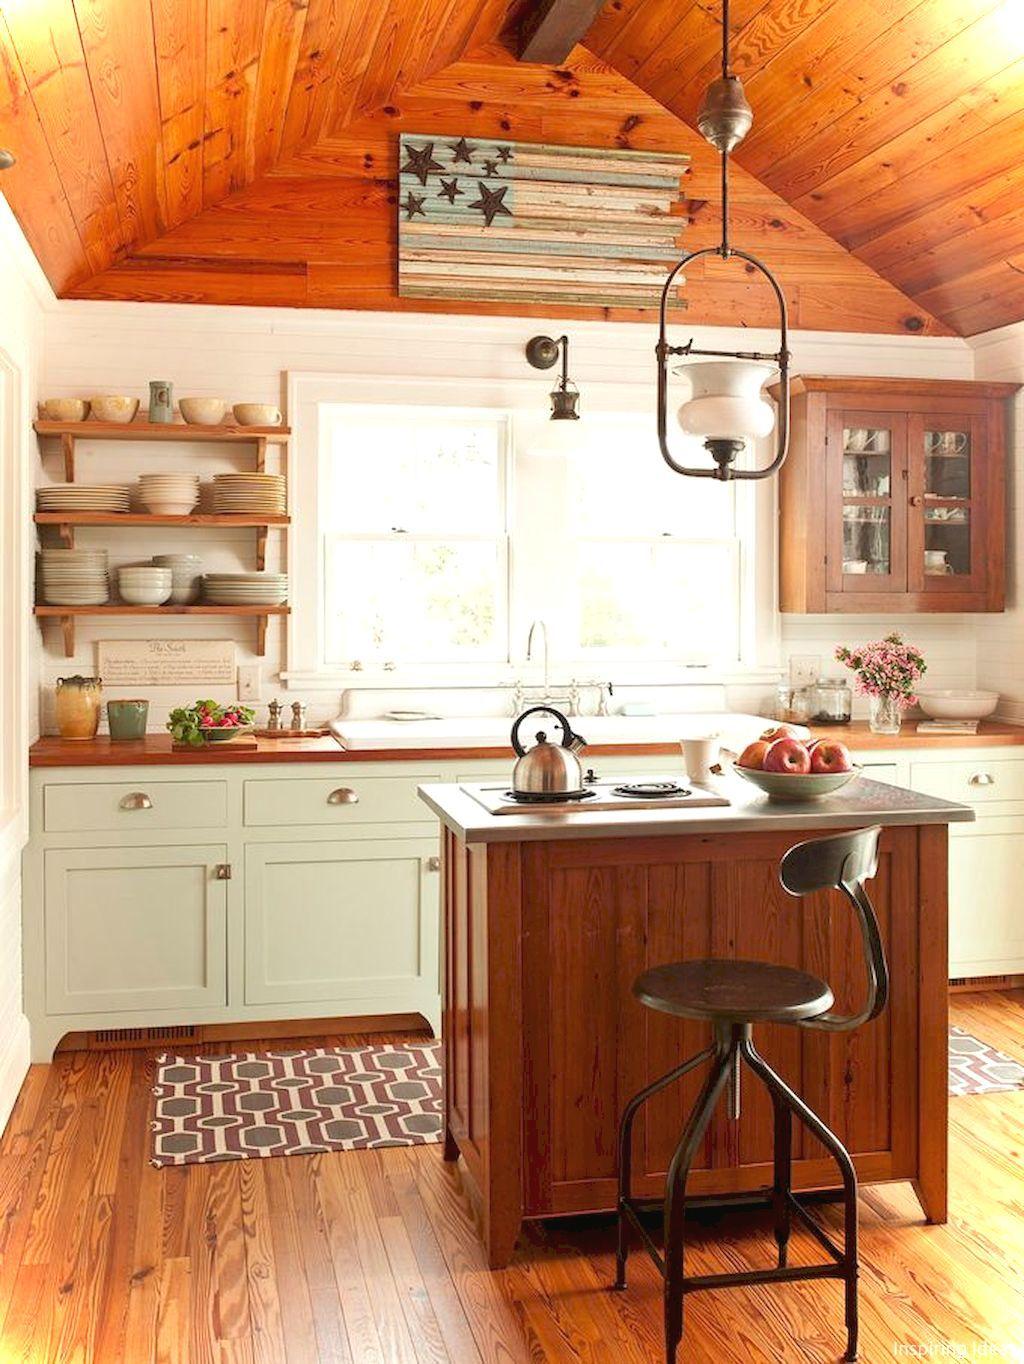 55 Genius Small Cottage Kitchen Design Ideas | Rustic ... on Rustic:mophcifcrpe= Cottage Kitchen Ideas  id=79079